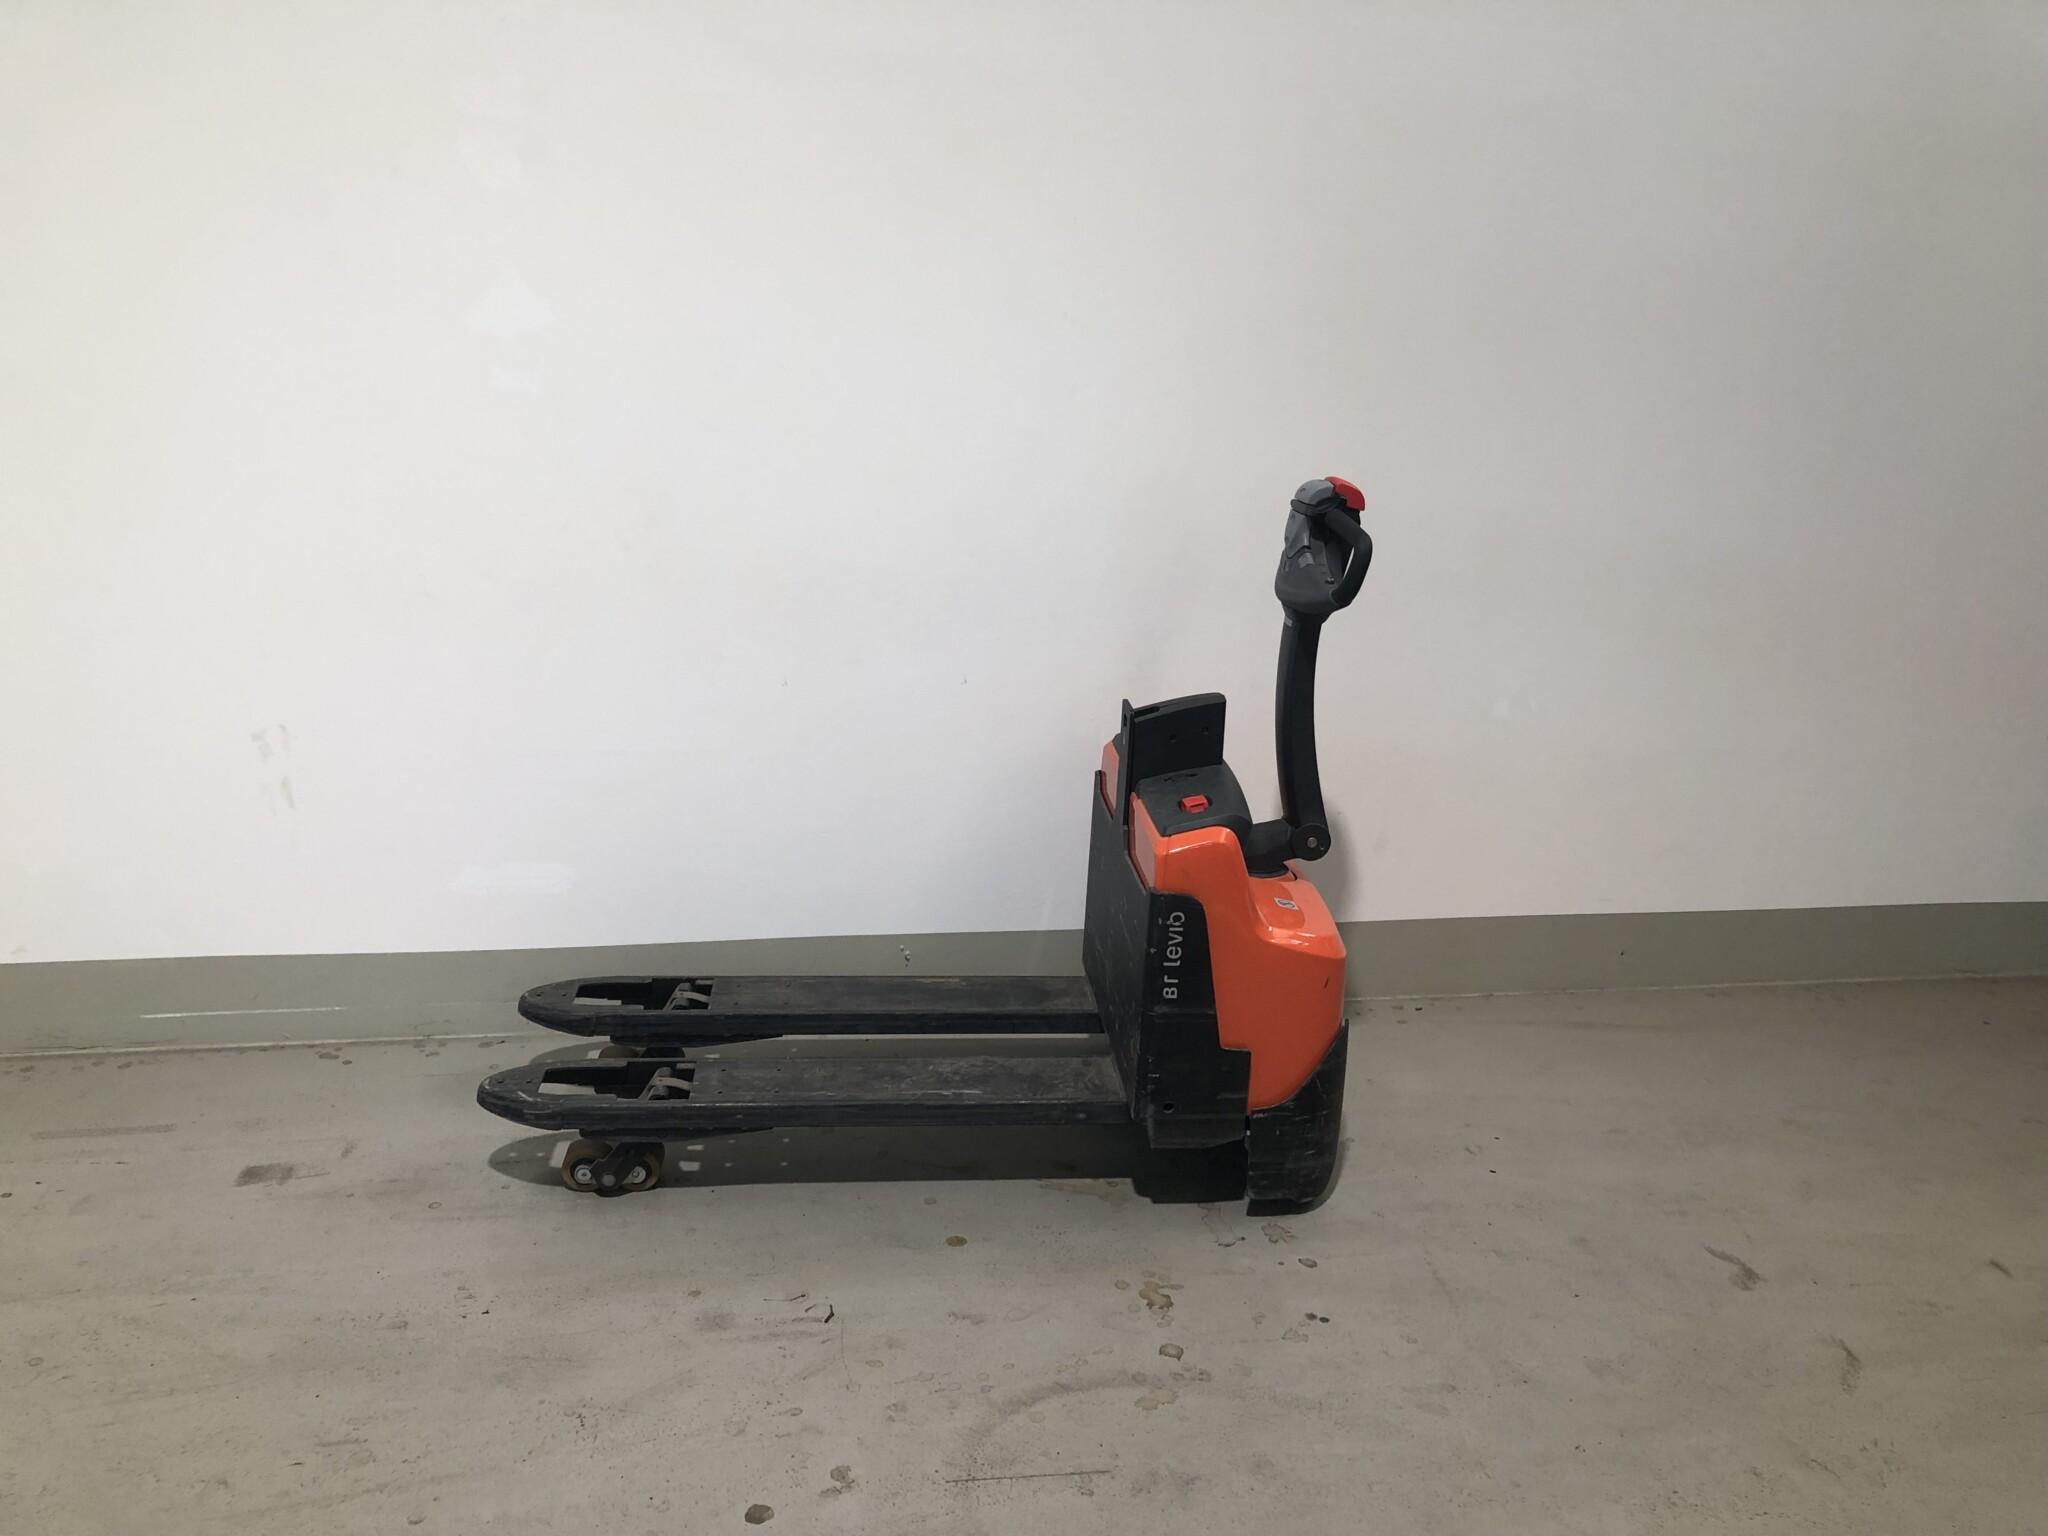 Toyota-Gabelstapler-59840 2012025268 1 scaled